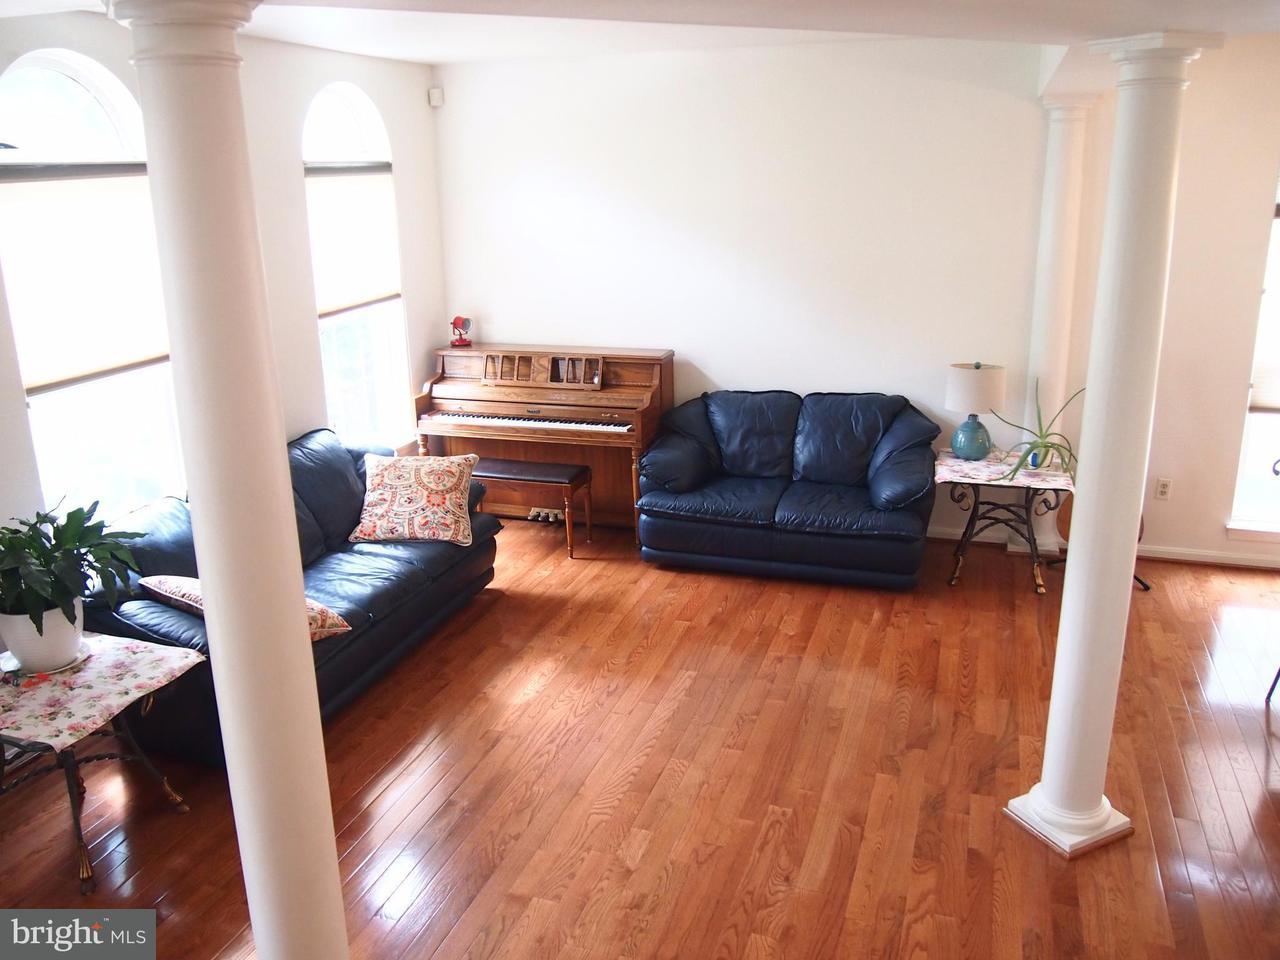 獨棟家庭住宅 為 出售 在 10124 WINTERBROOK Lane 10124 WINTERBROOK Lane Jessup, 馬里蘭州 20794 美國